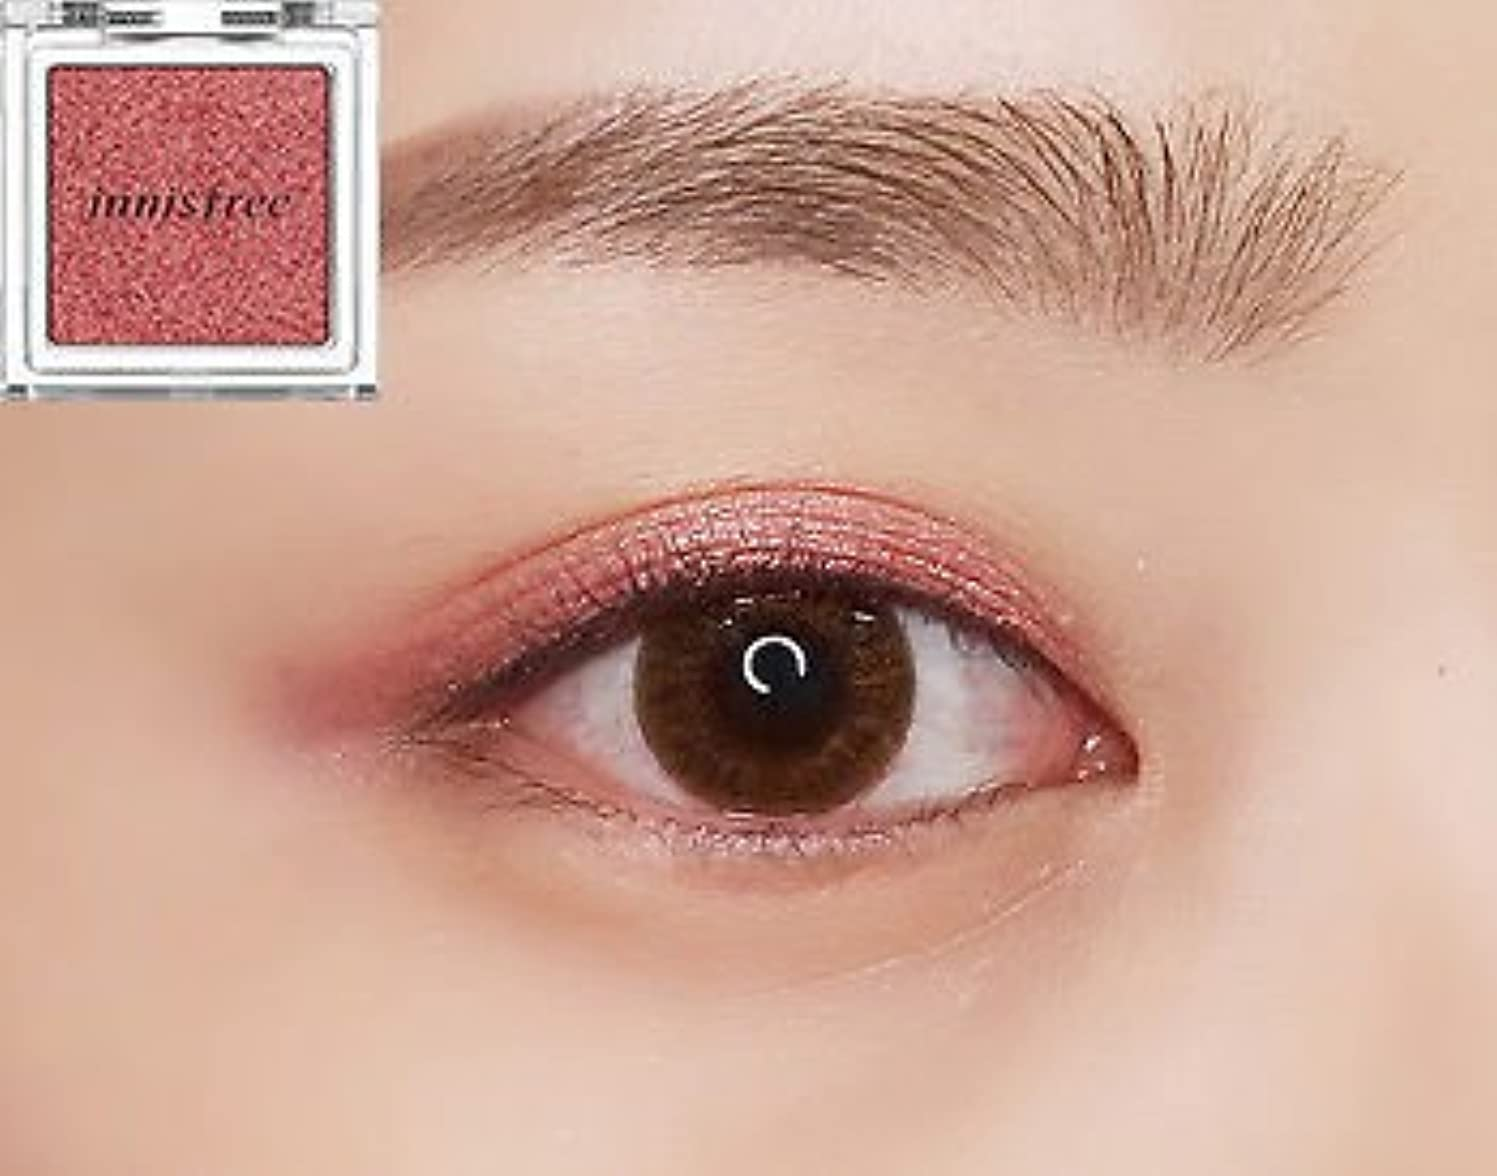 砲兵スタッフ近似[イニスフリー] innisfree [マイ パレット マイ アイシャドウ (グリッタ一) 25カラー] MY PALETTE My Eyeshadow (Glitter) 25 Shades [海外直送品] (グリッタ一 #14)